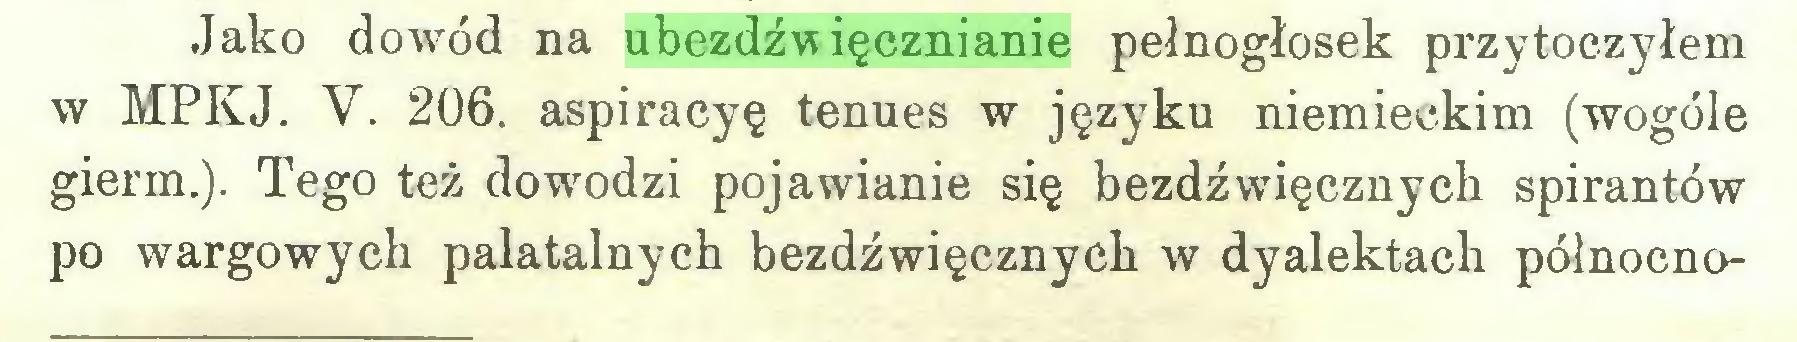 (...) Jako dowód na ubezdźwięcznianie pełnogłosek przytoczyłem w MPKJ. V. 206. aspiracyę tenues w języku niemieckim (wogóle gierm.). Tego też dowodzi pojawianie się bezdźwięcznych spirantów po wargowych palatalnych bezdźwięcznych w dyalektach północno...